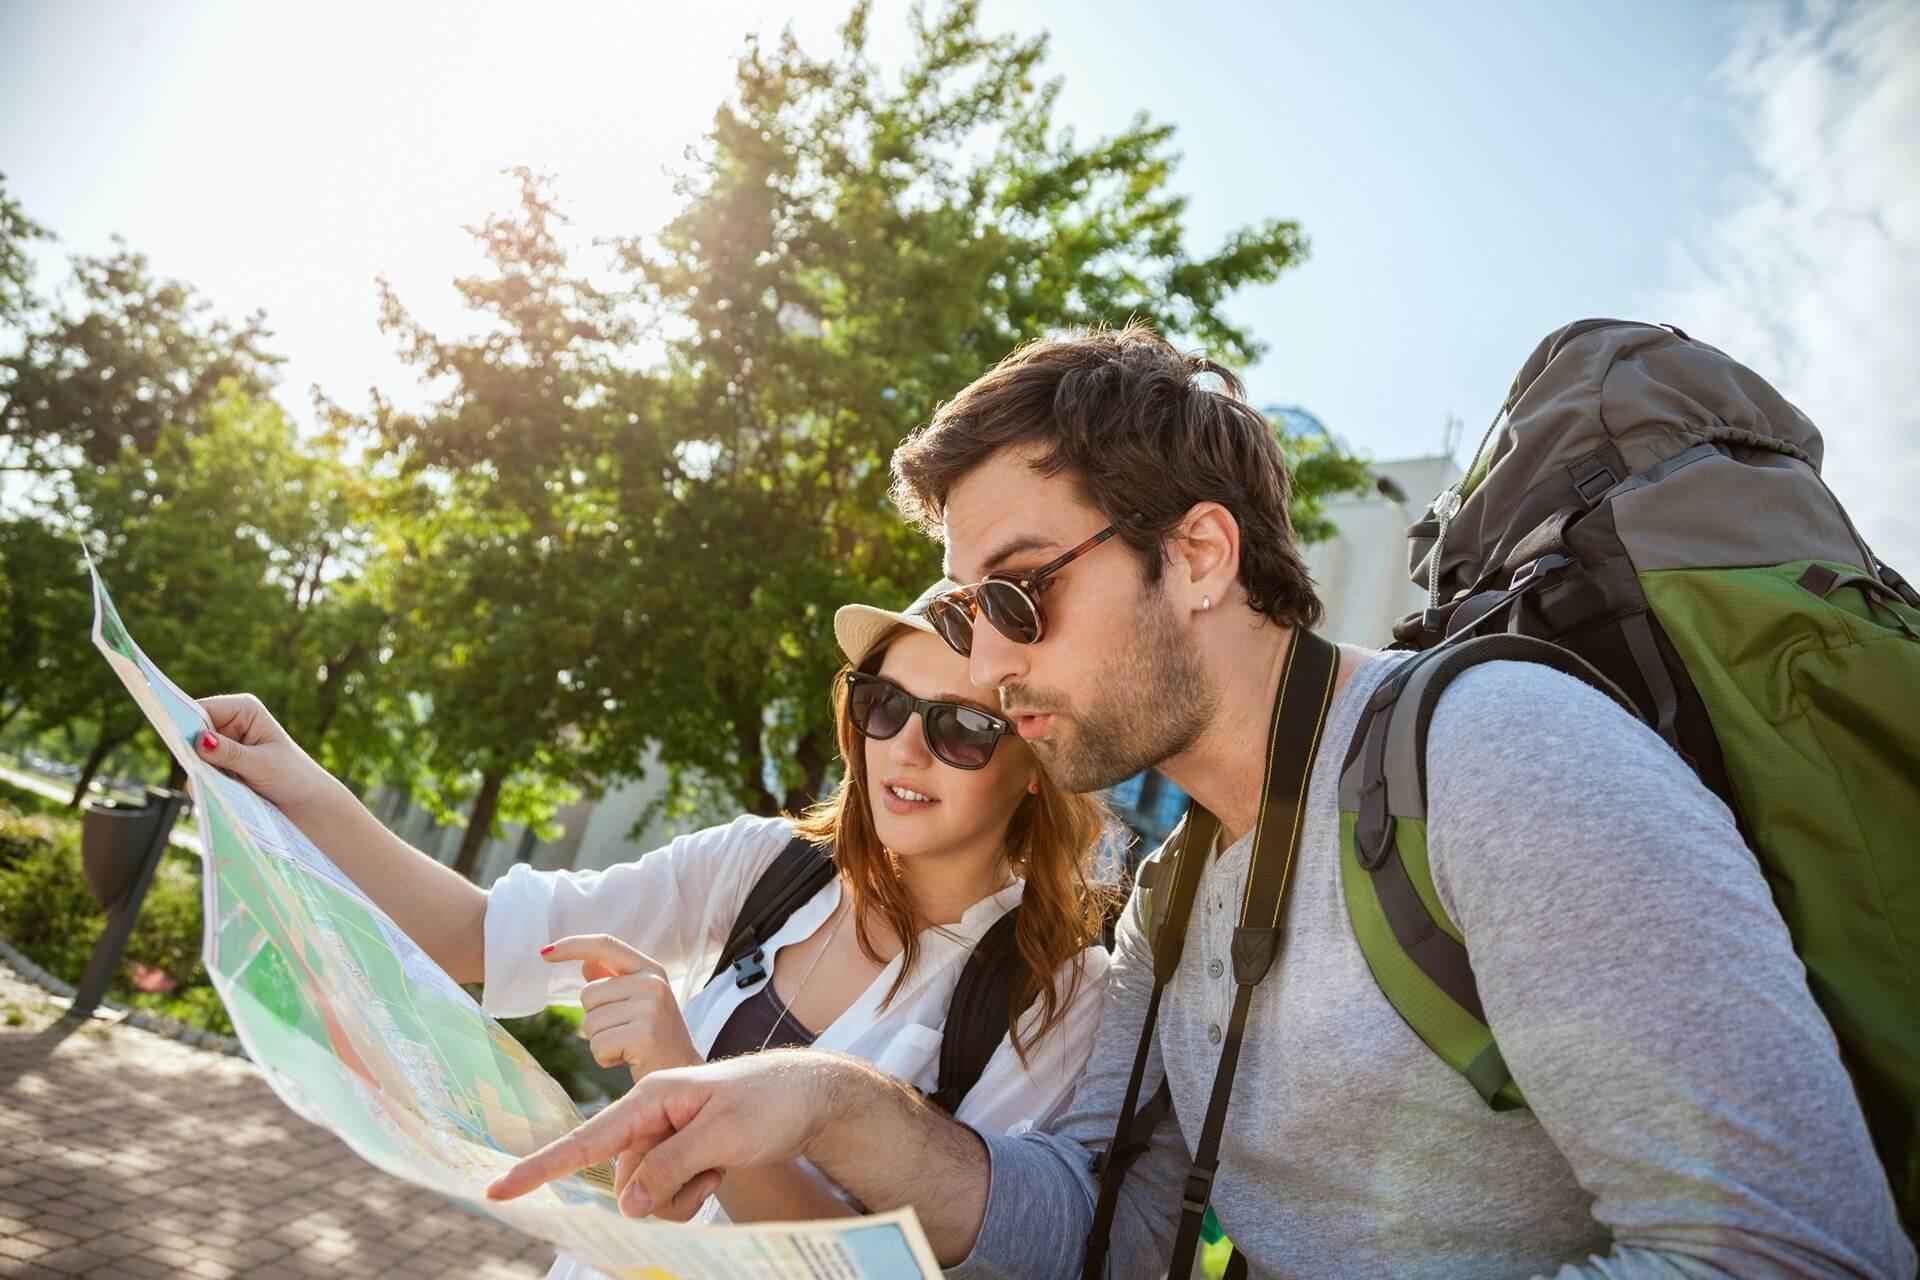 Картинки про путешественников